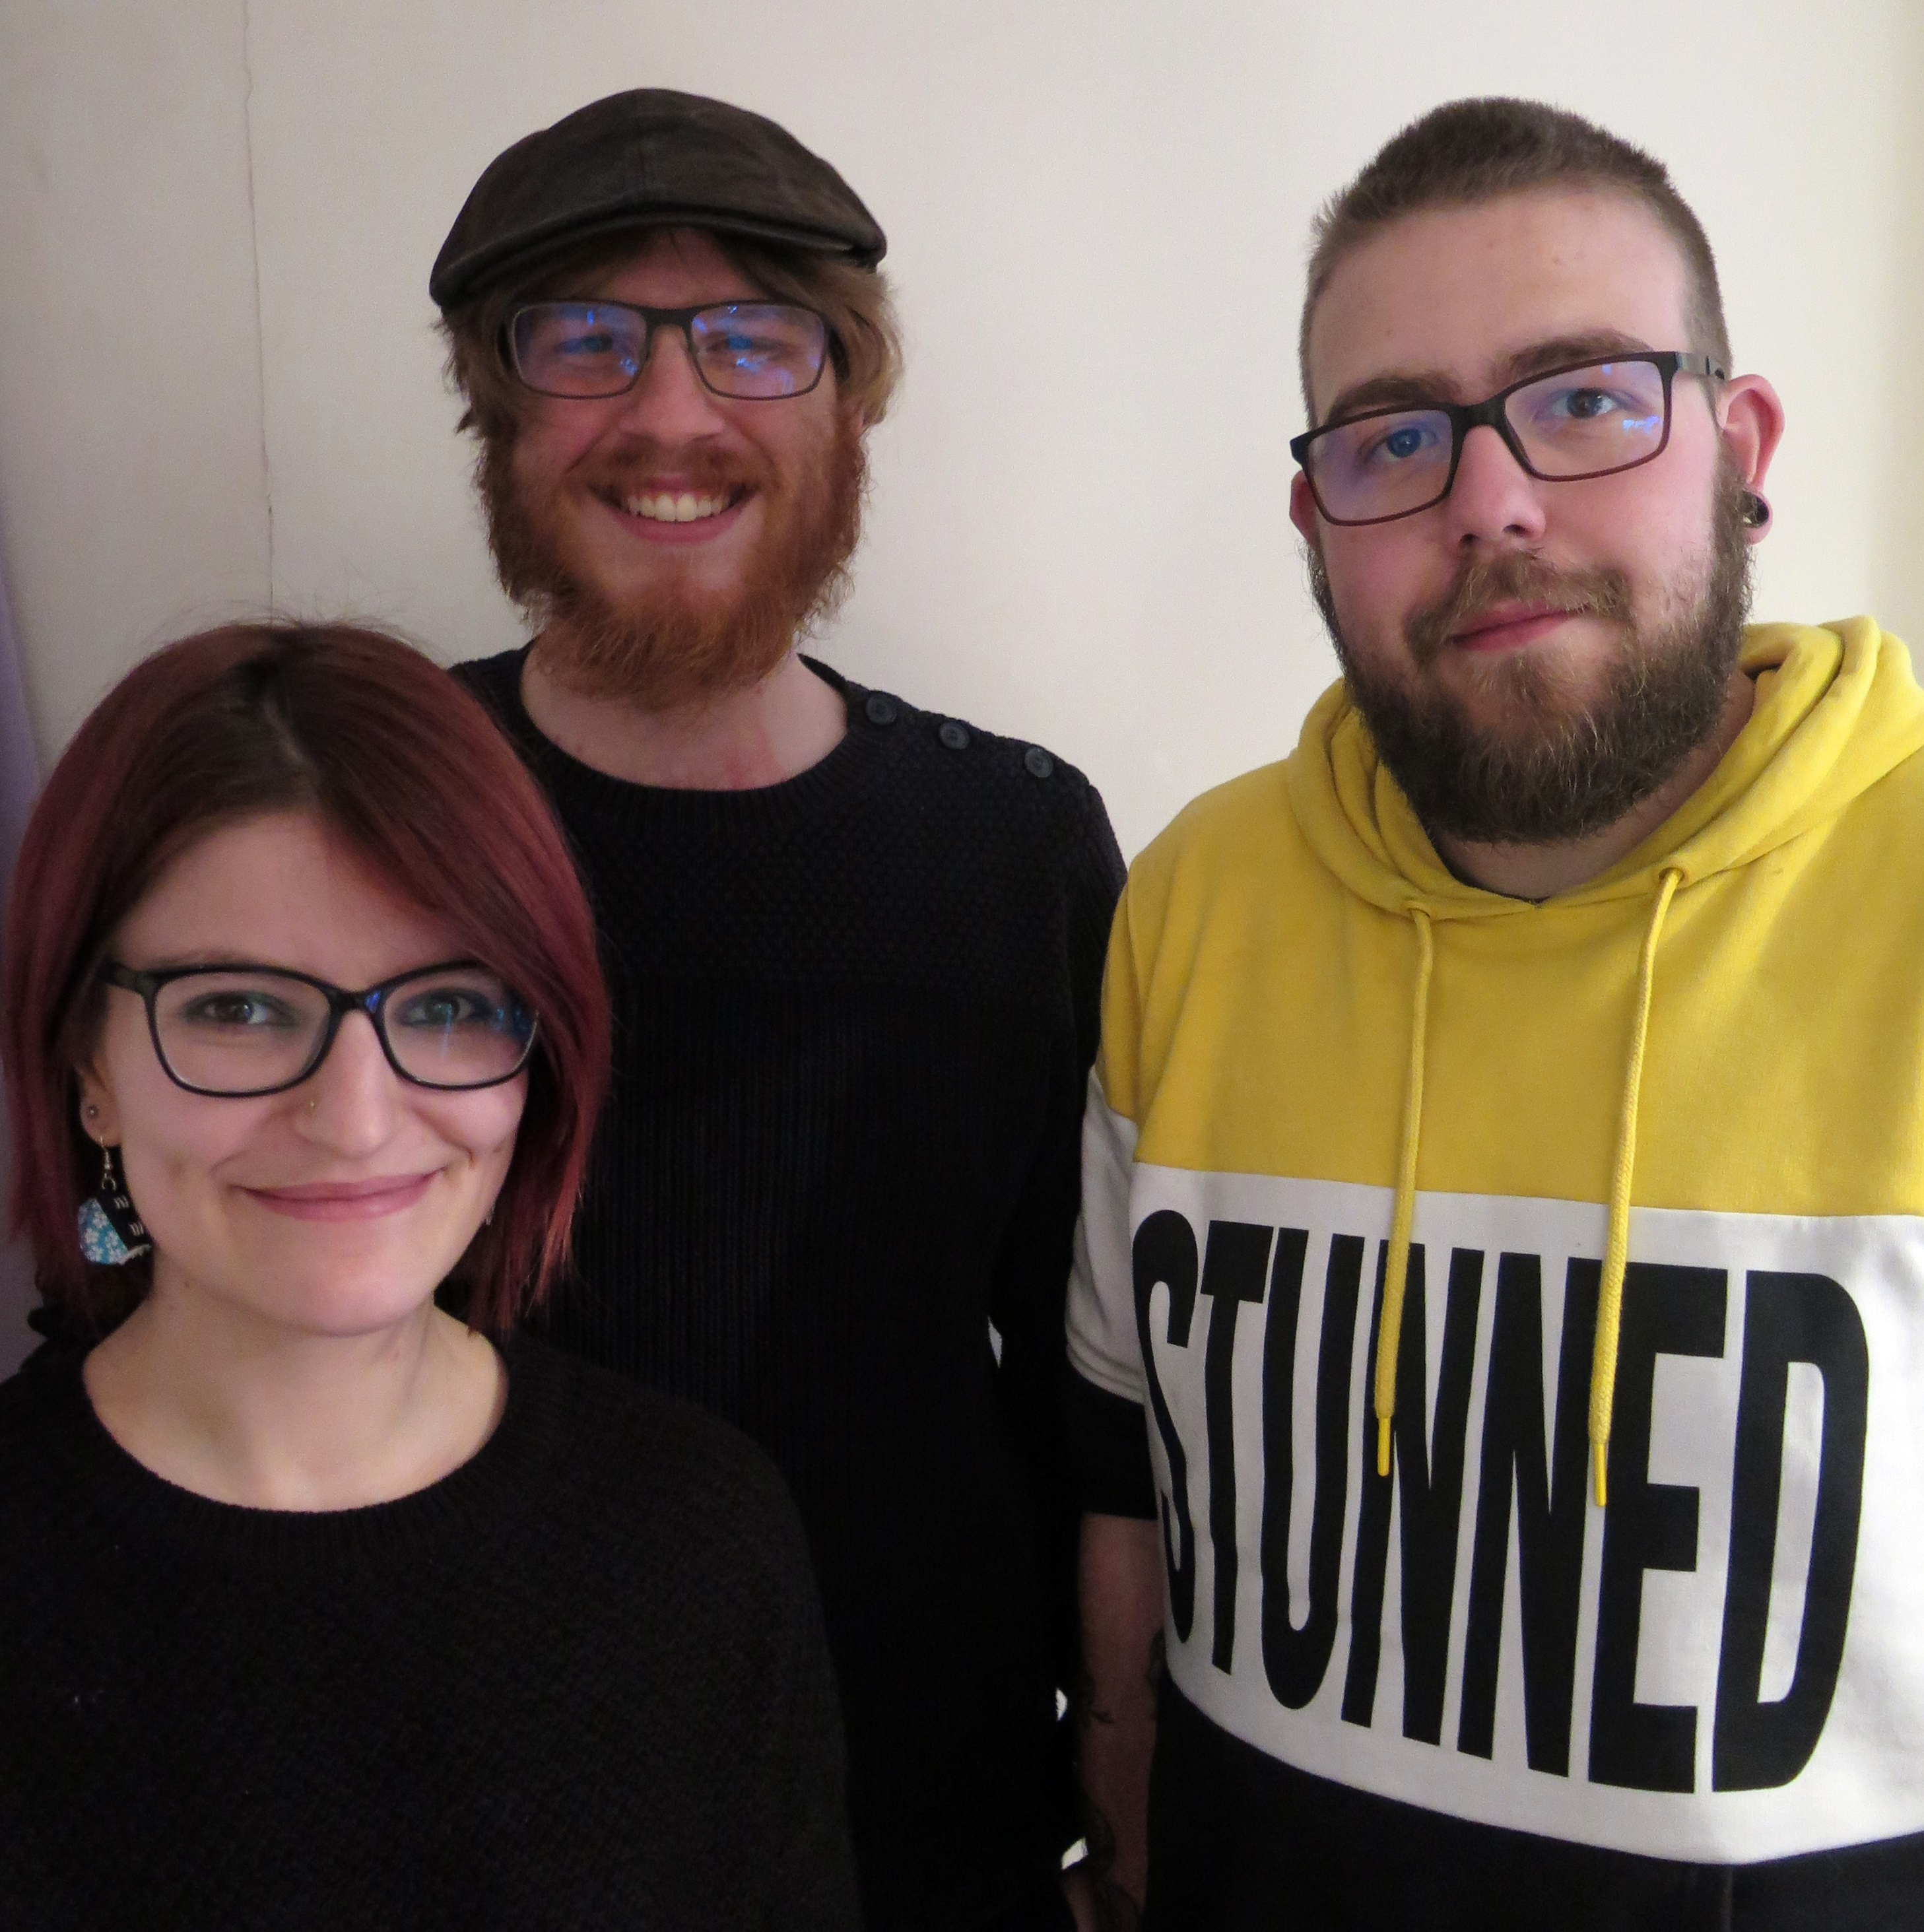 Les trois débateurs de cet épisode : Justine, Ilan et Guillaume